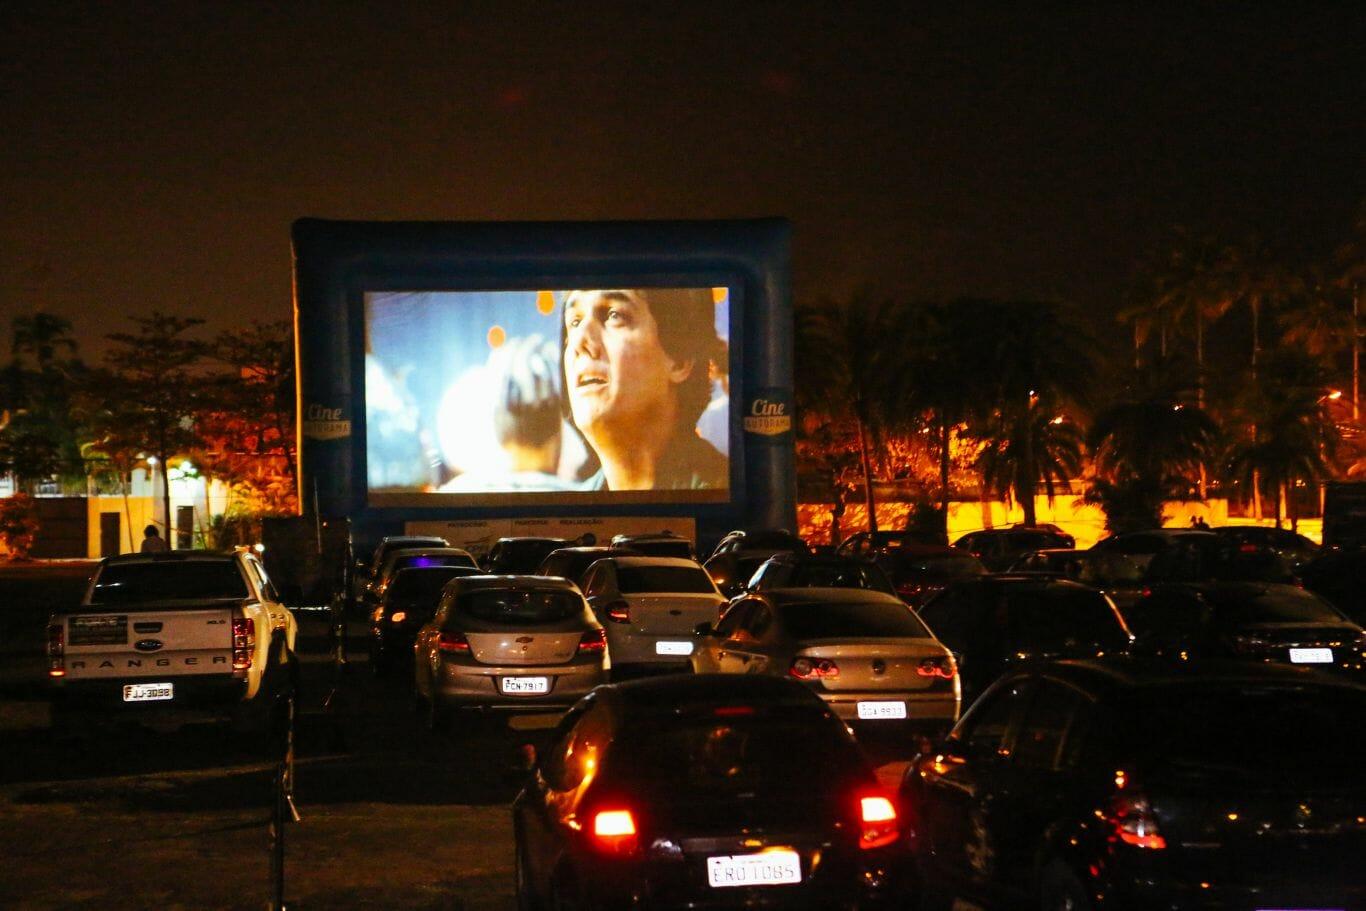 Cine Autorama, um cinema estilo drive in, em São Paulo